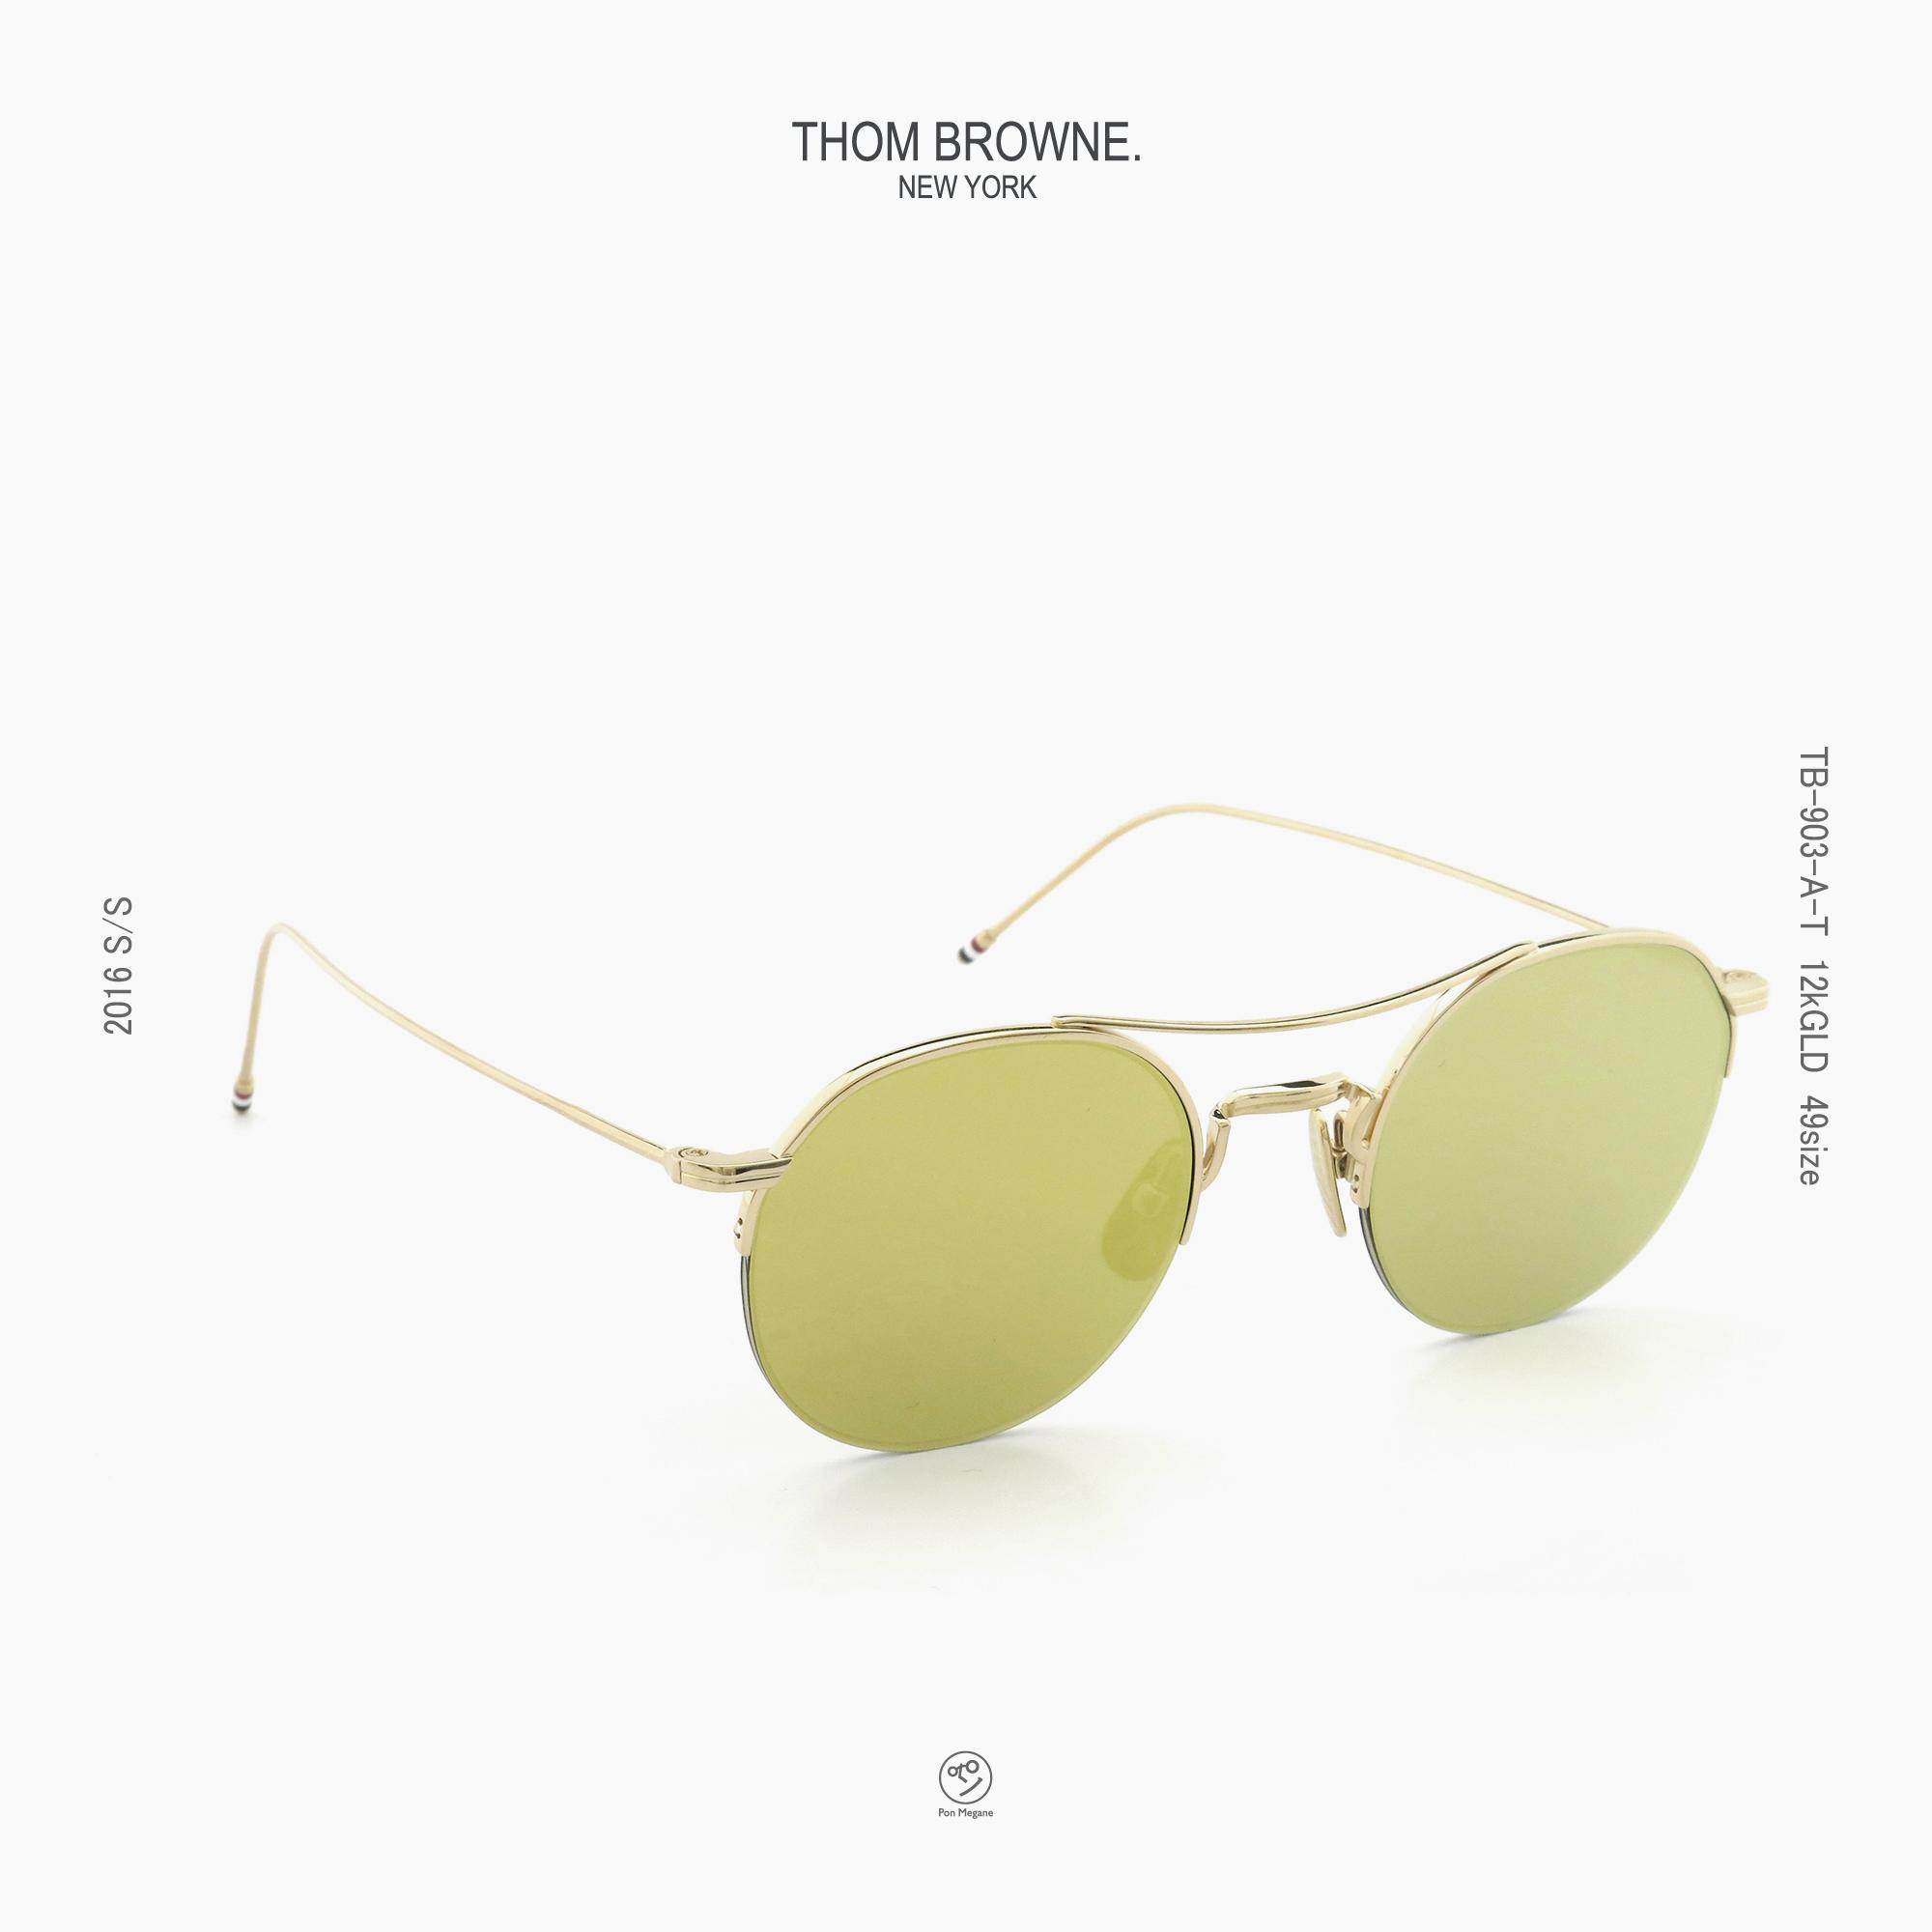 THOM-BROWNE_TB-903-A-T_12KGLD_49_DB-GM_insta